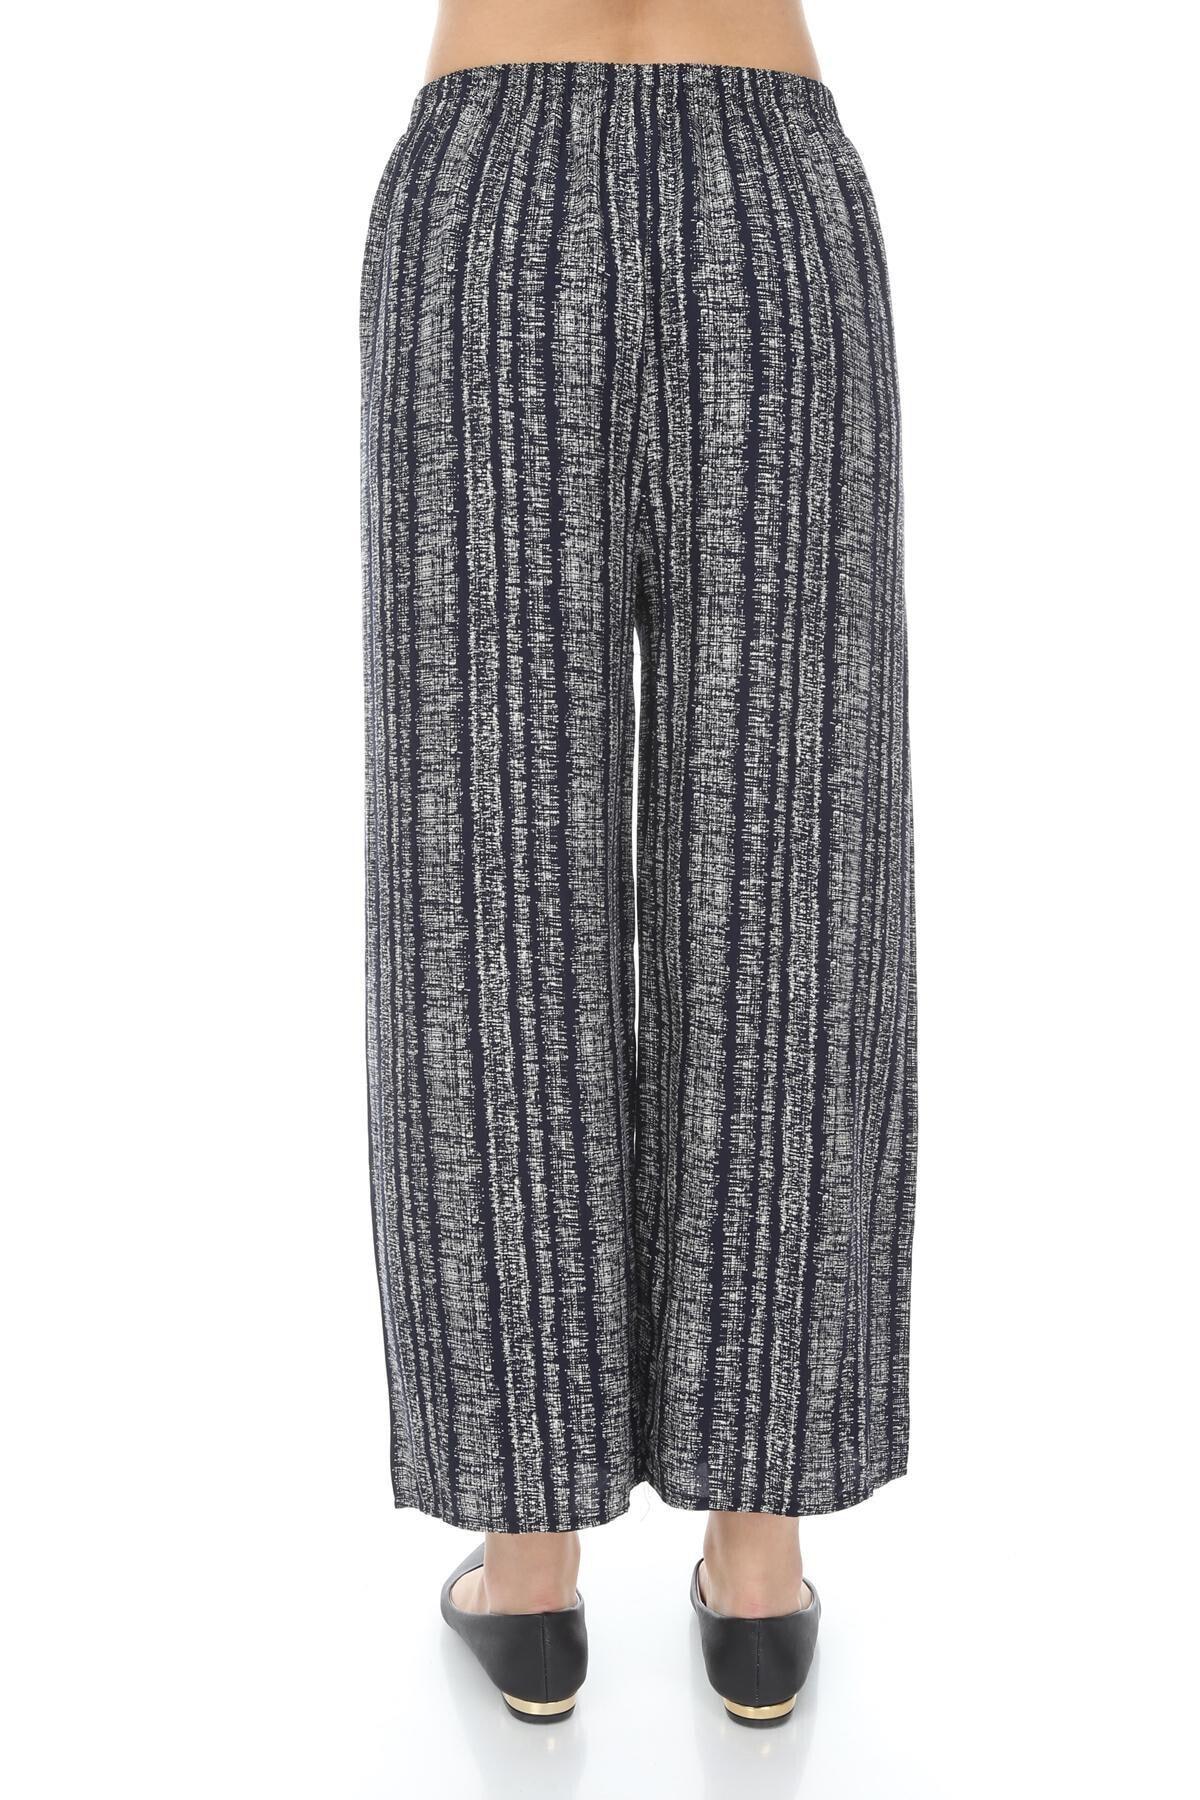 sarıbalon Kadın Lacivert Beli Lastikli Pamuklu Salaş Kalıp Zemin Pantolon 2